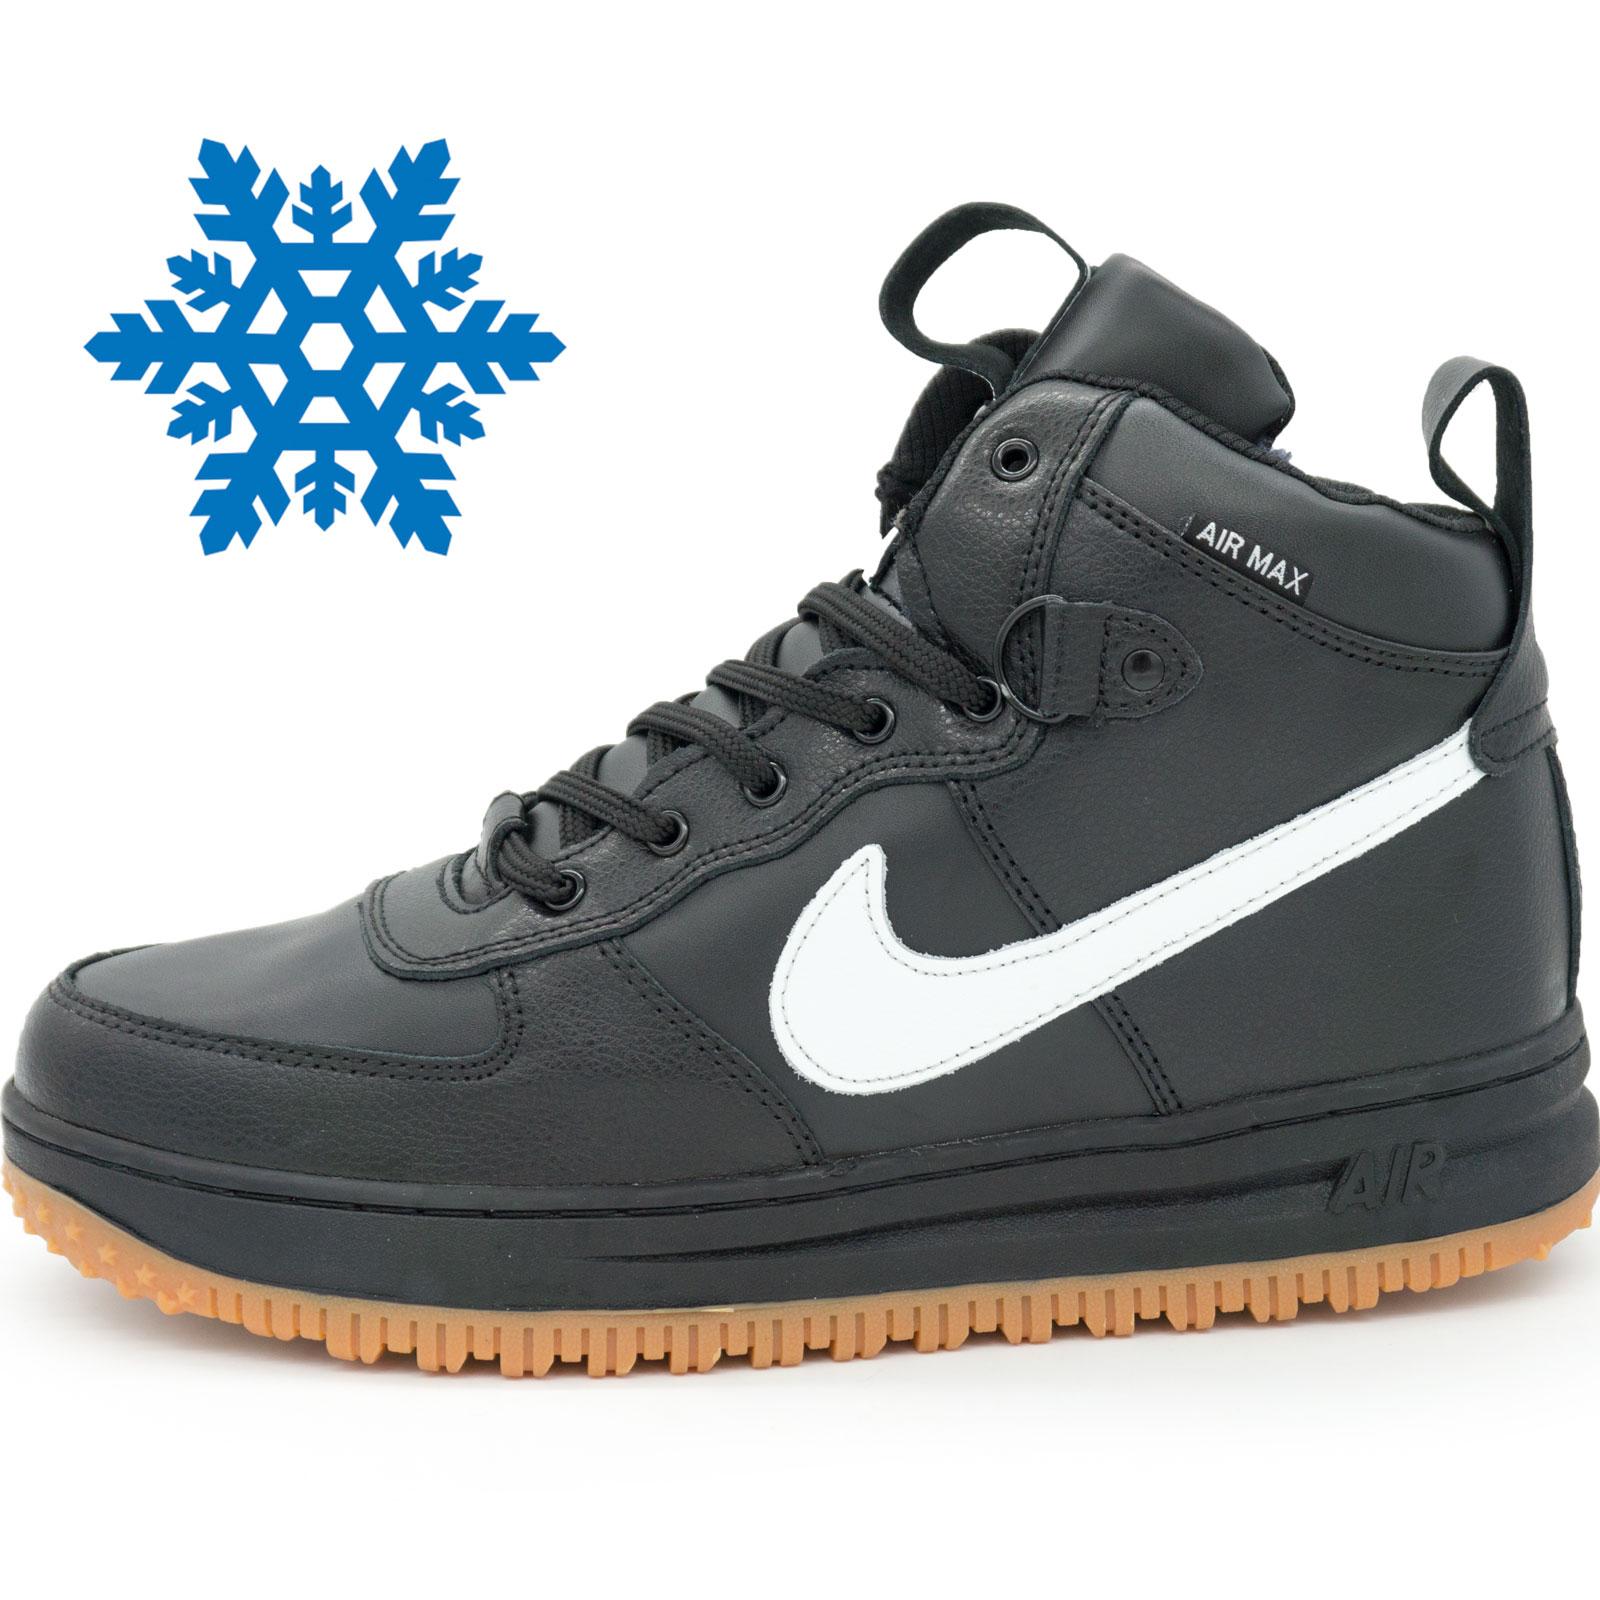 Зимние кроссовки Nike Lunar Force 1 высокие черные, купить высокие ... c1308abb0fe